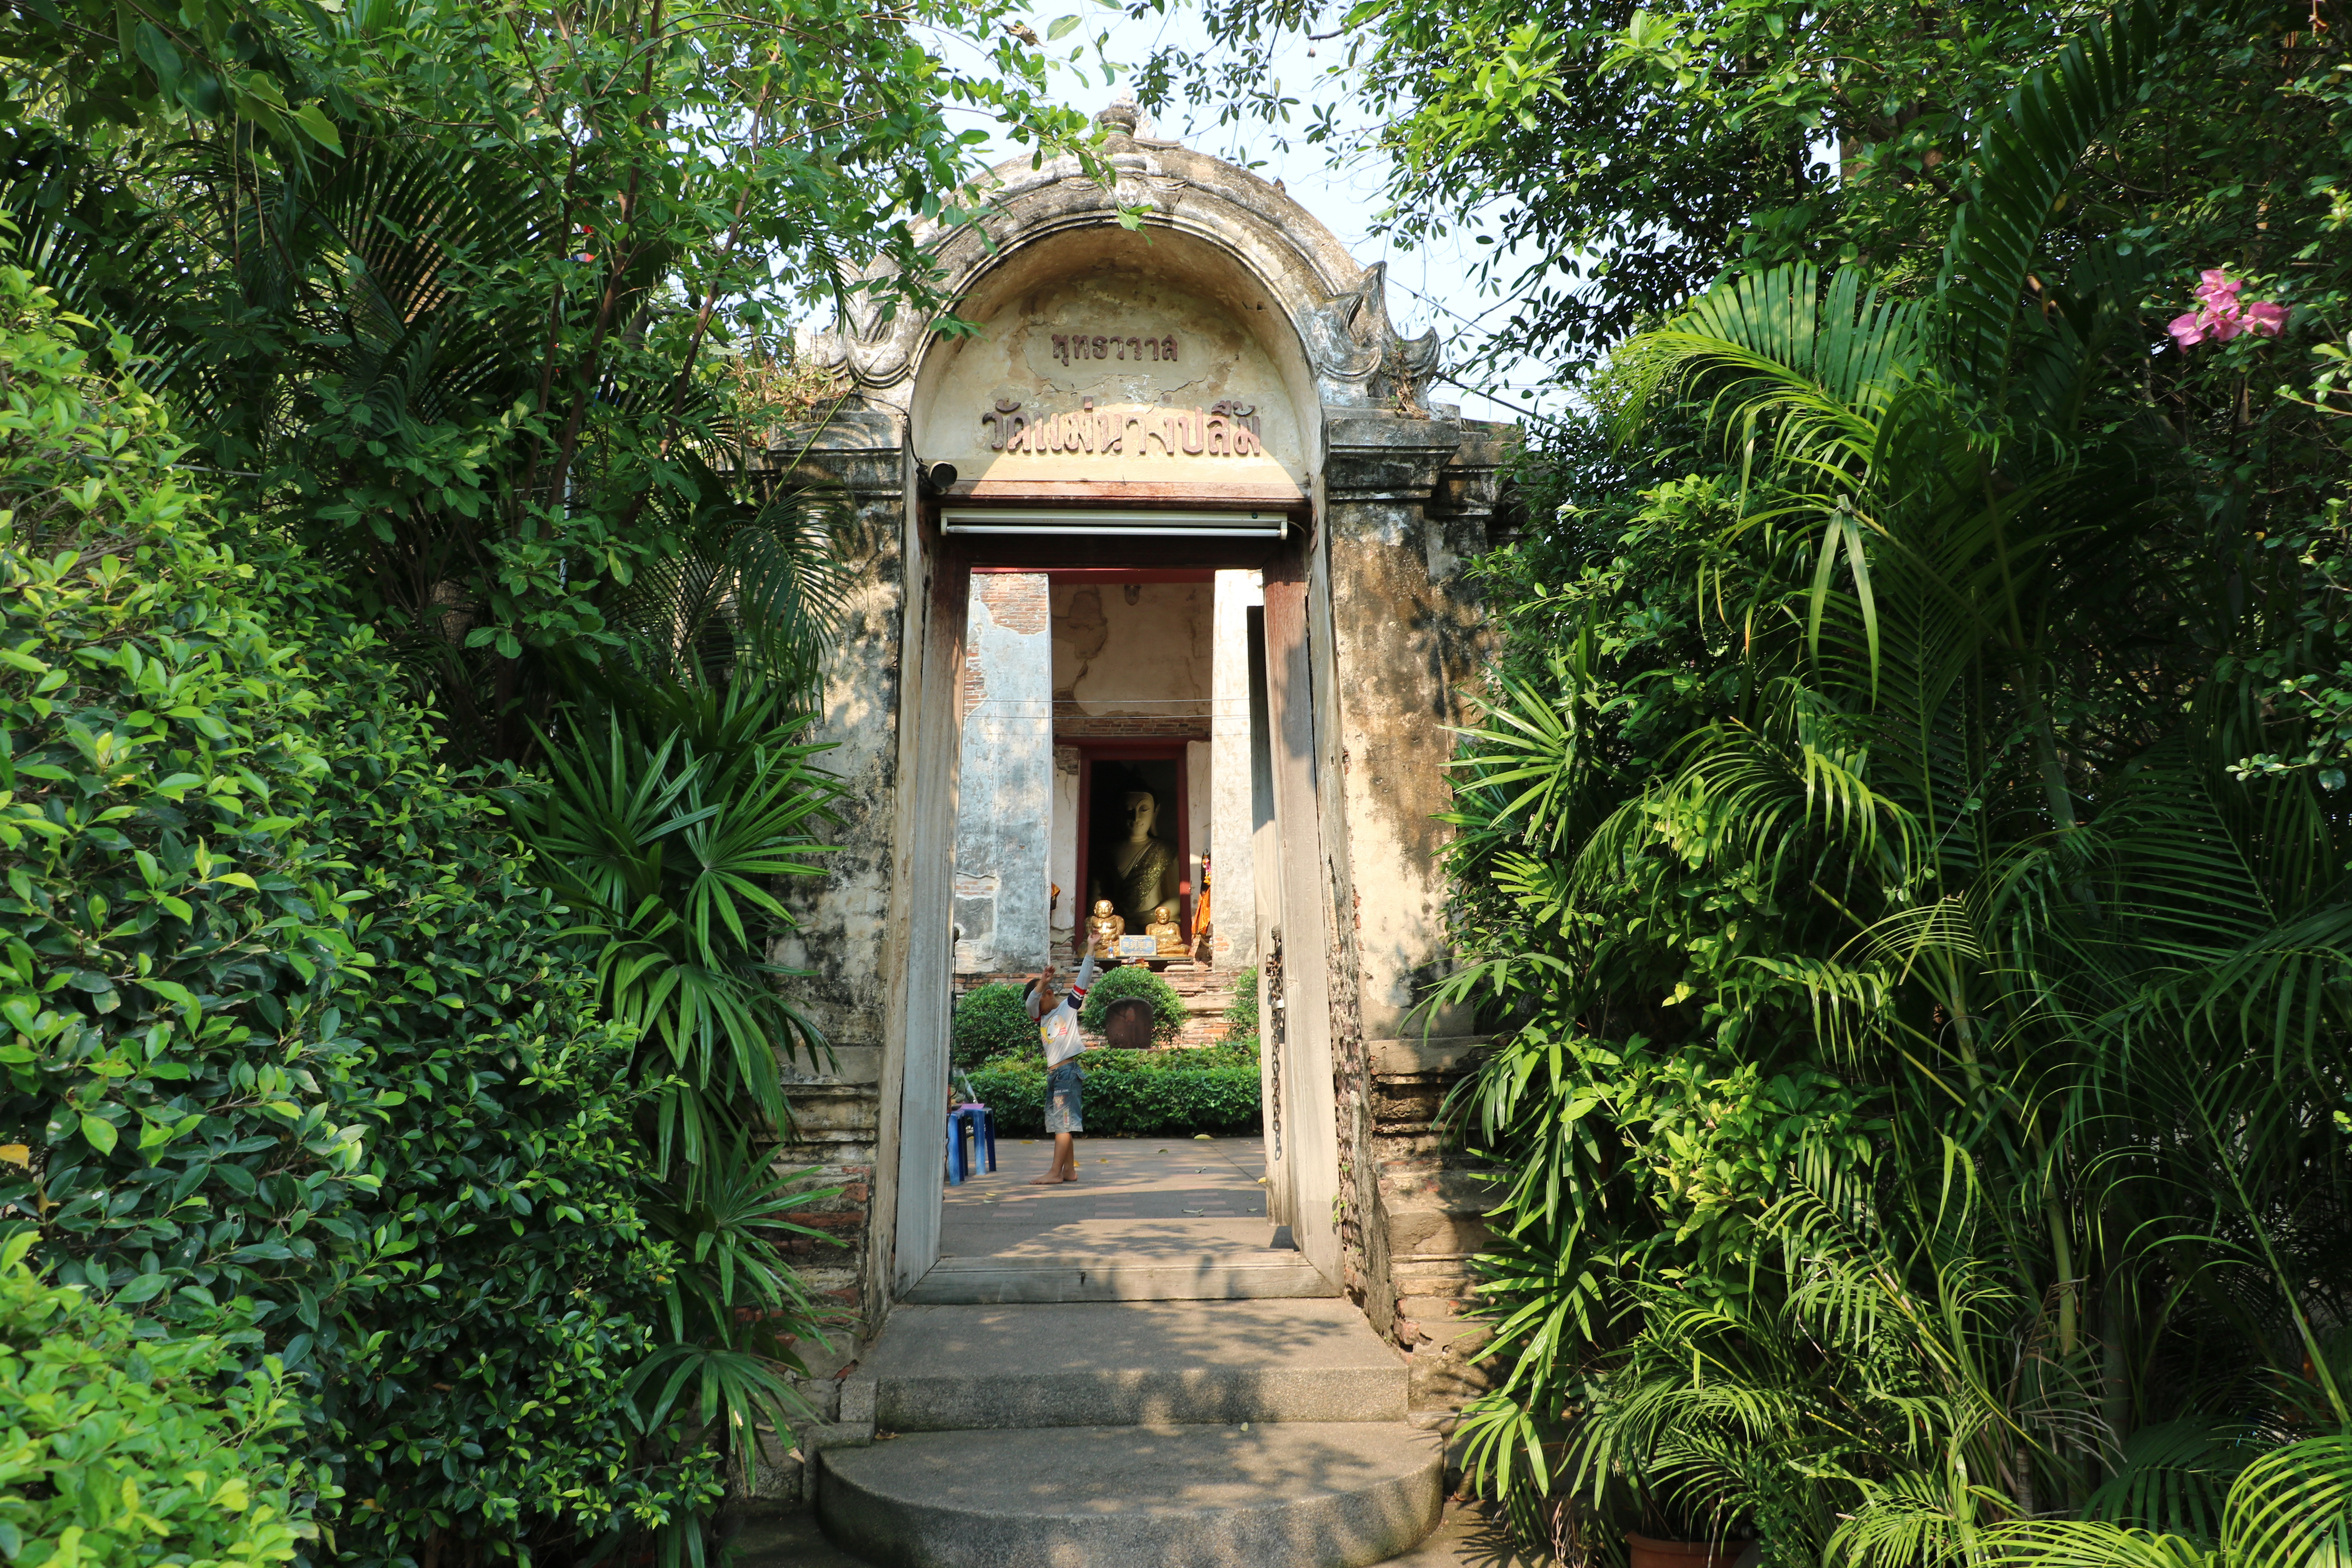 ワットメーナーンプルーン / ナレースワン王の伝説が残る、厳かな雰囲気を持つ現存仏教寺院